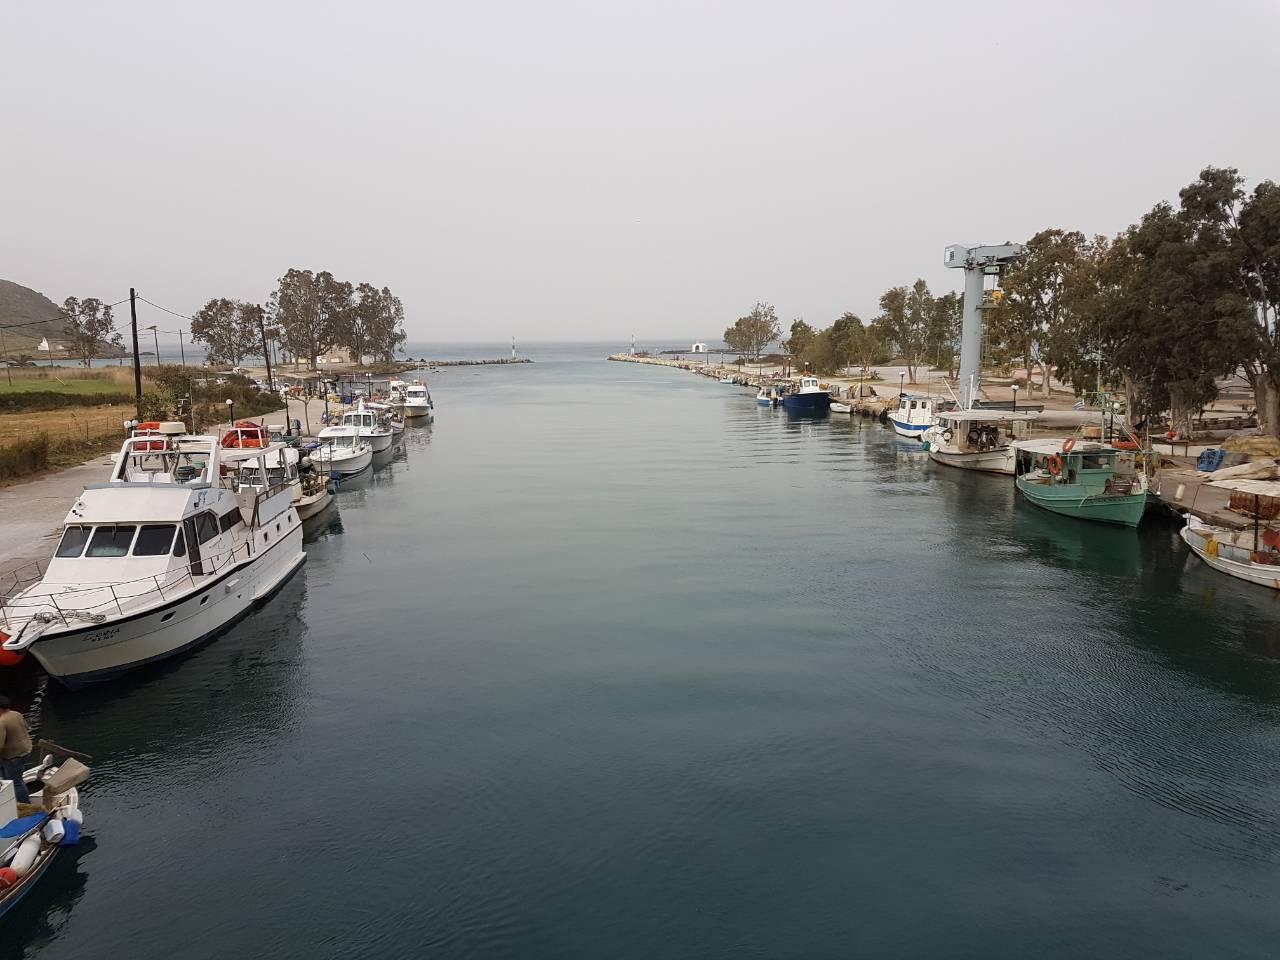 Η Θέα στη Γεωργιούπολη